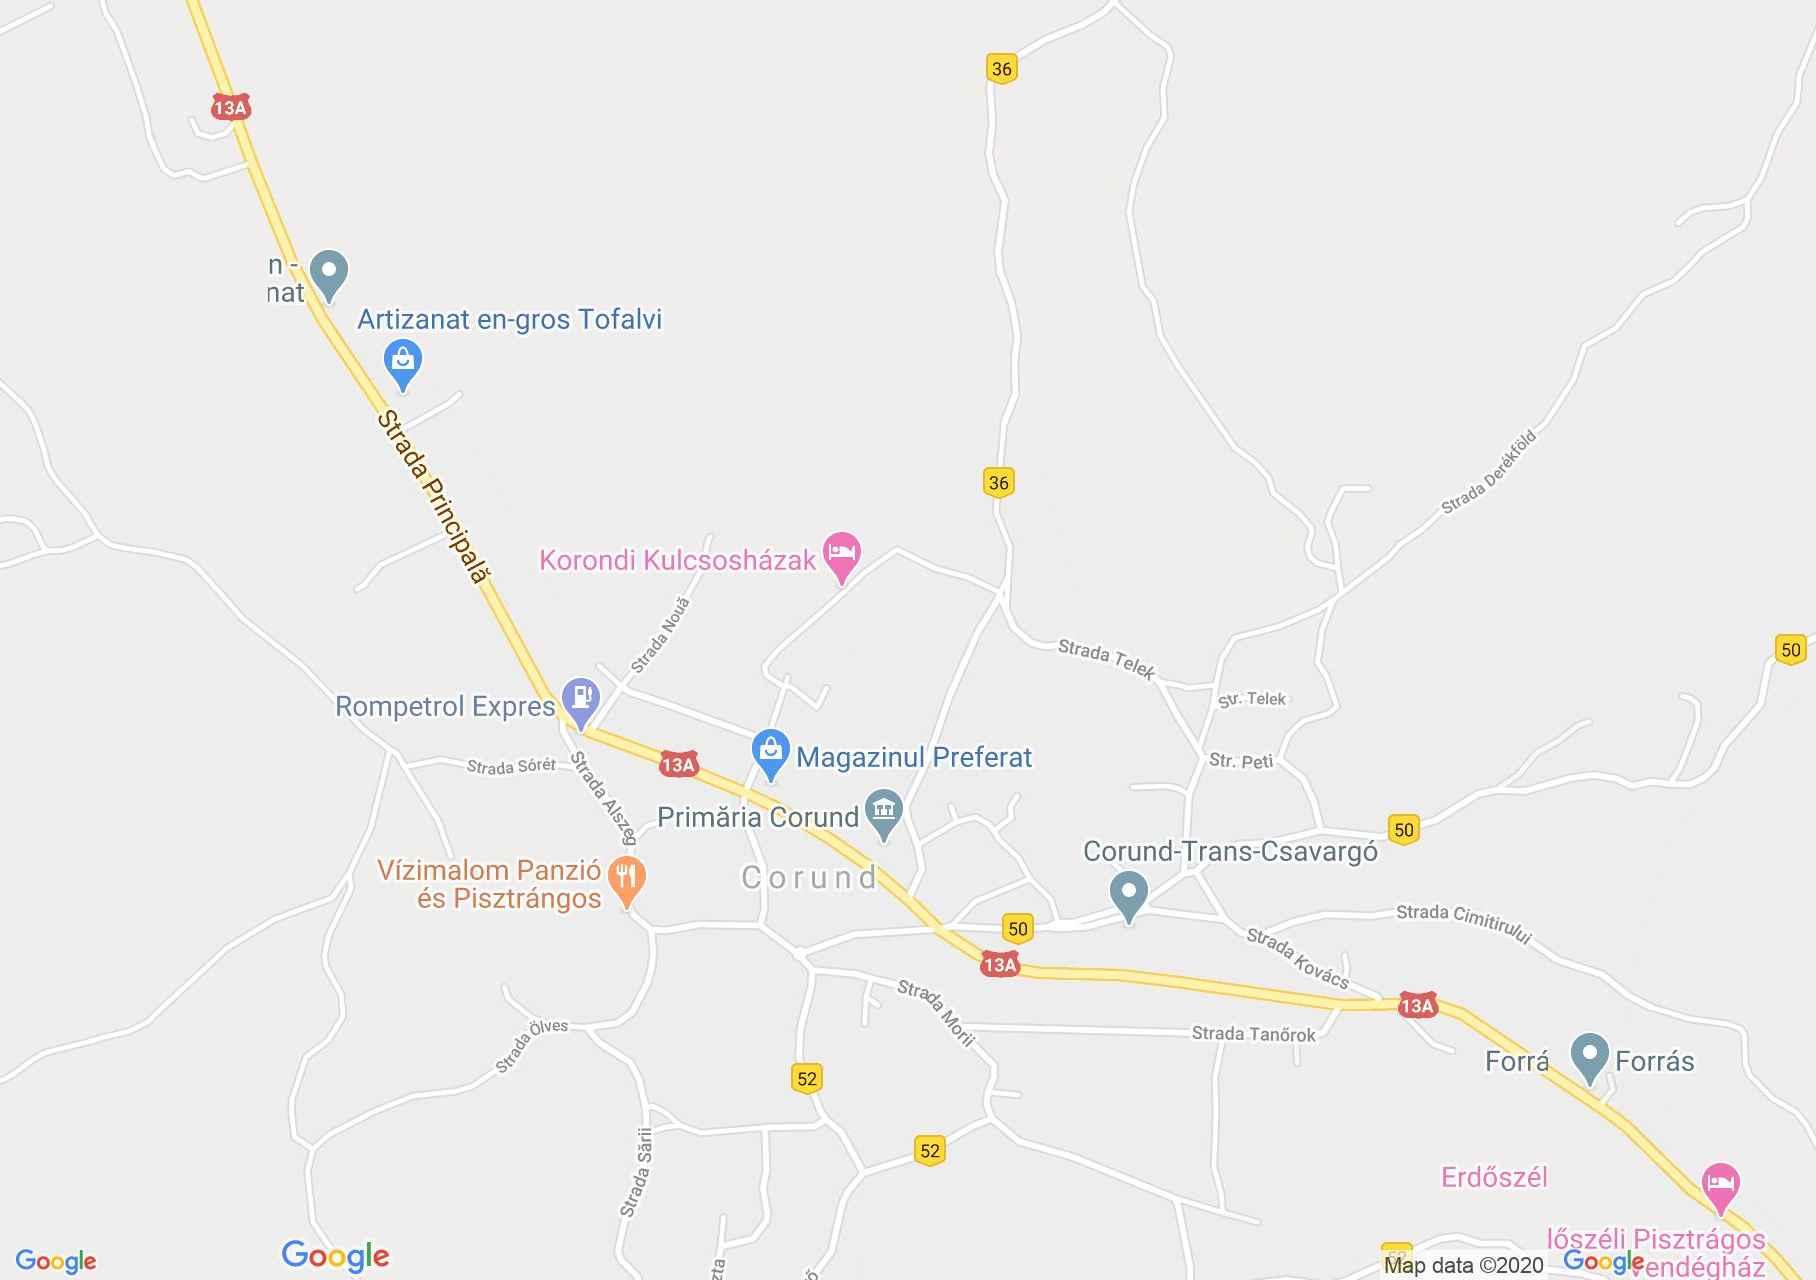 Korond: Katolikus templom (térkép)